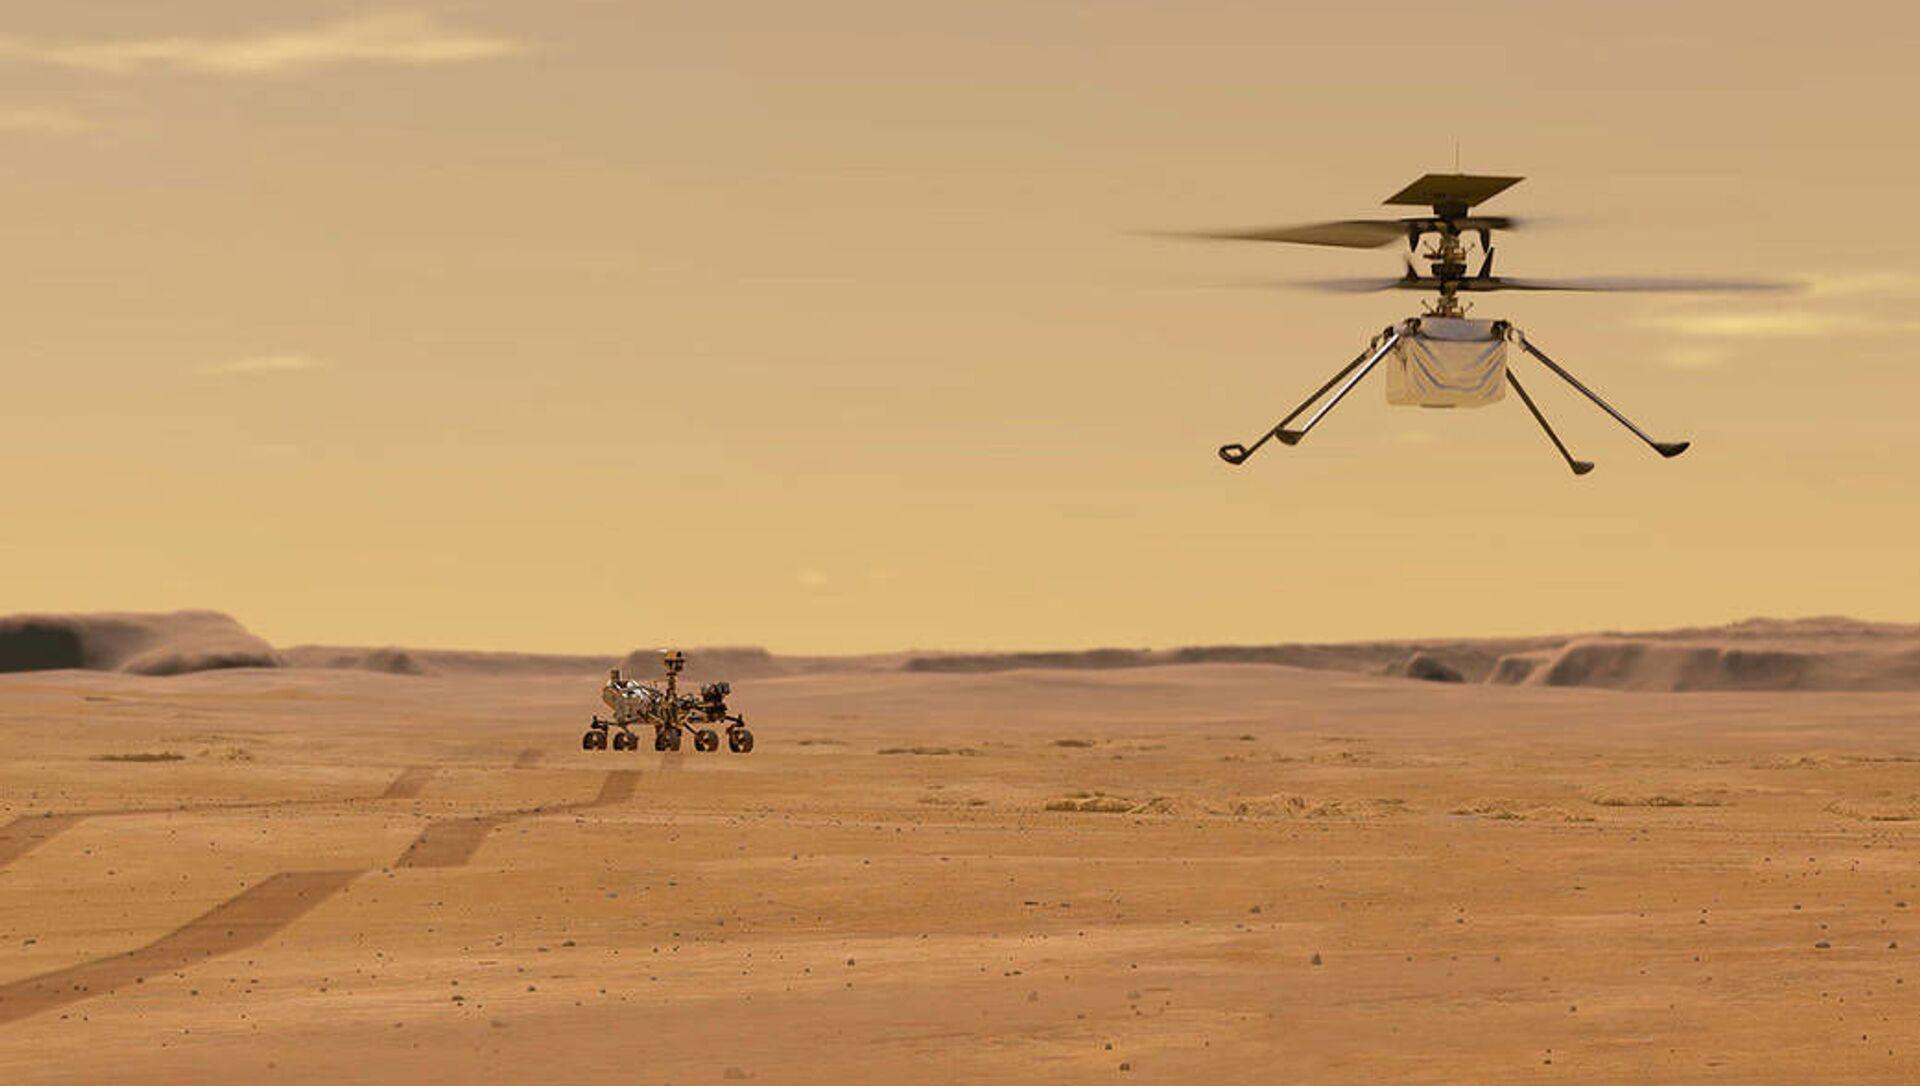 初の火星用ヘリ パーサヴィアランスから離れ、自力飛行へ準備完了 - Sputnik 日本, 1920, 05.04.2021